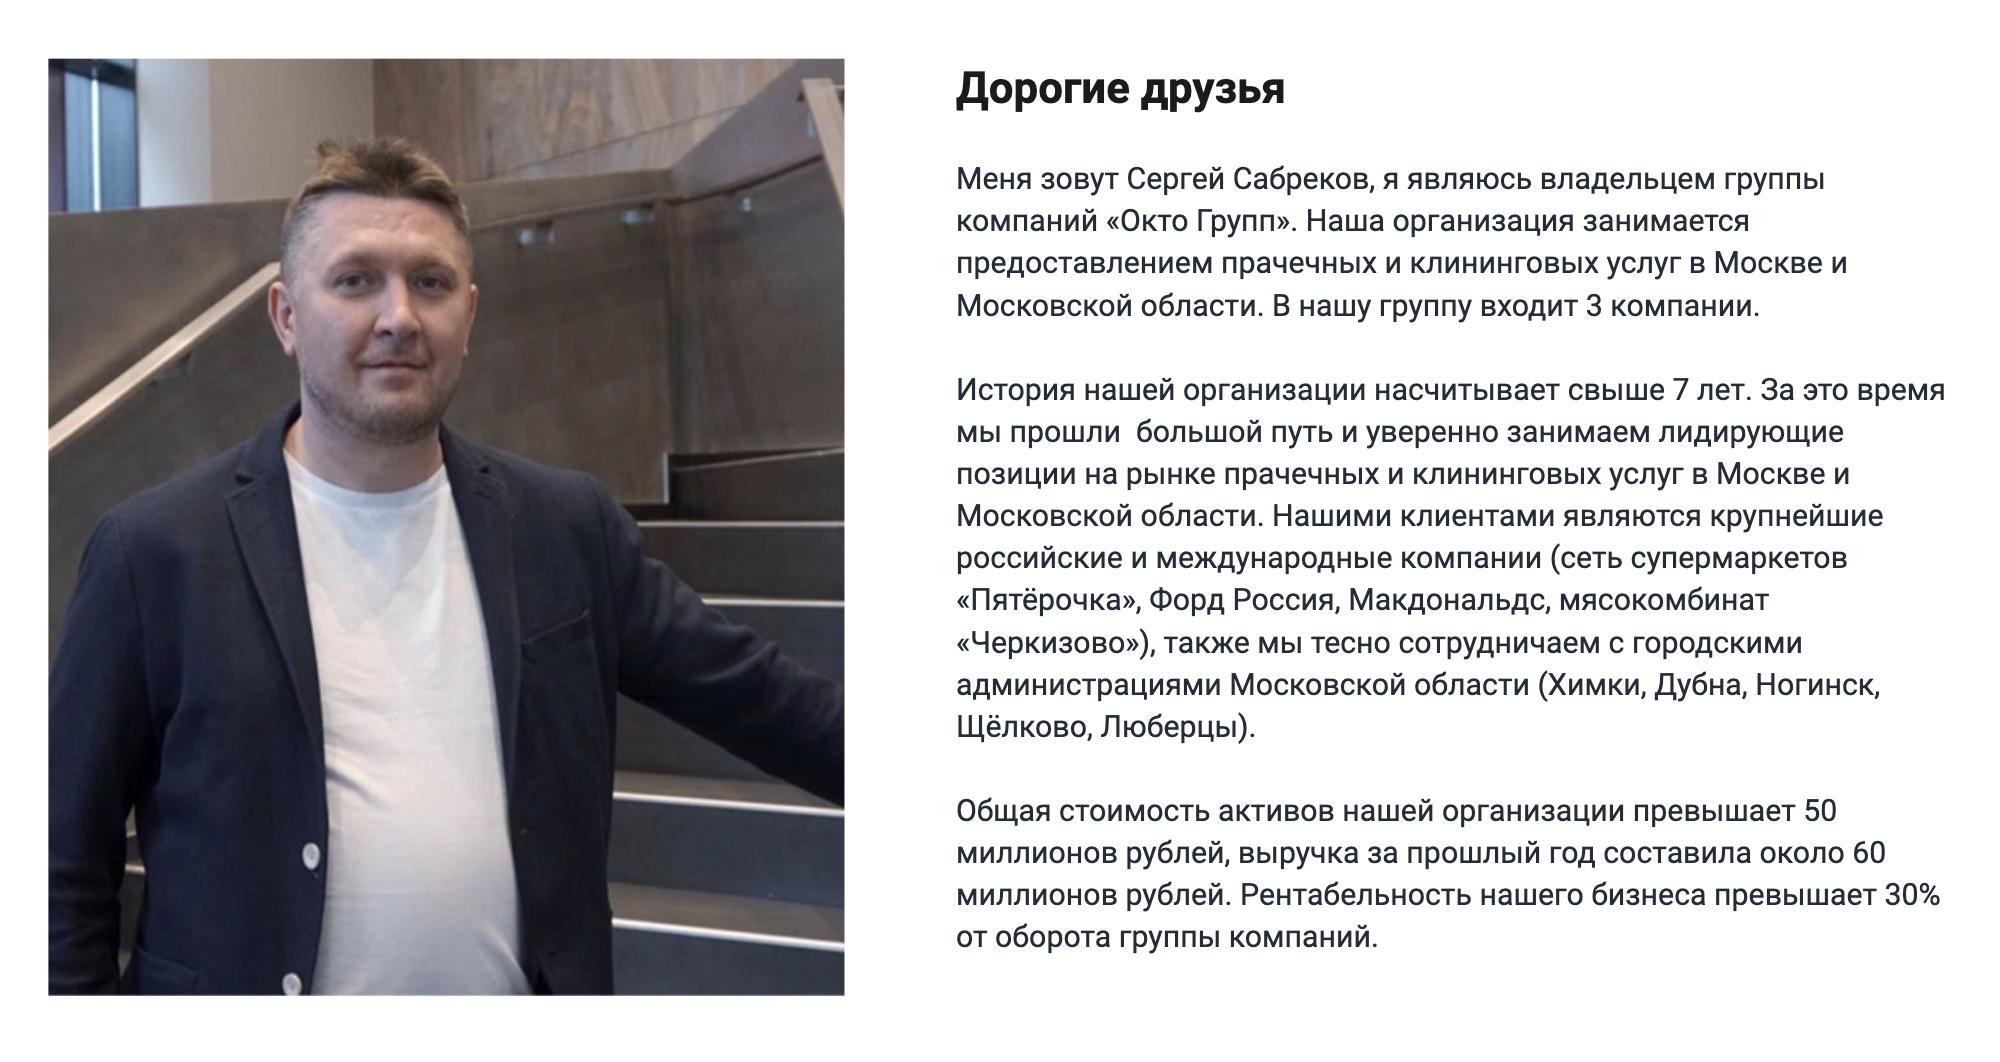 Насайте Сергей Сабреков заявляет, что владеет группой компаний «Окто-груп». Подтверждения этому яненашел